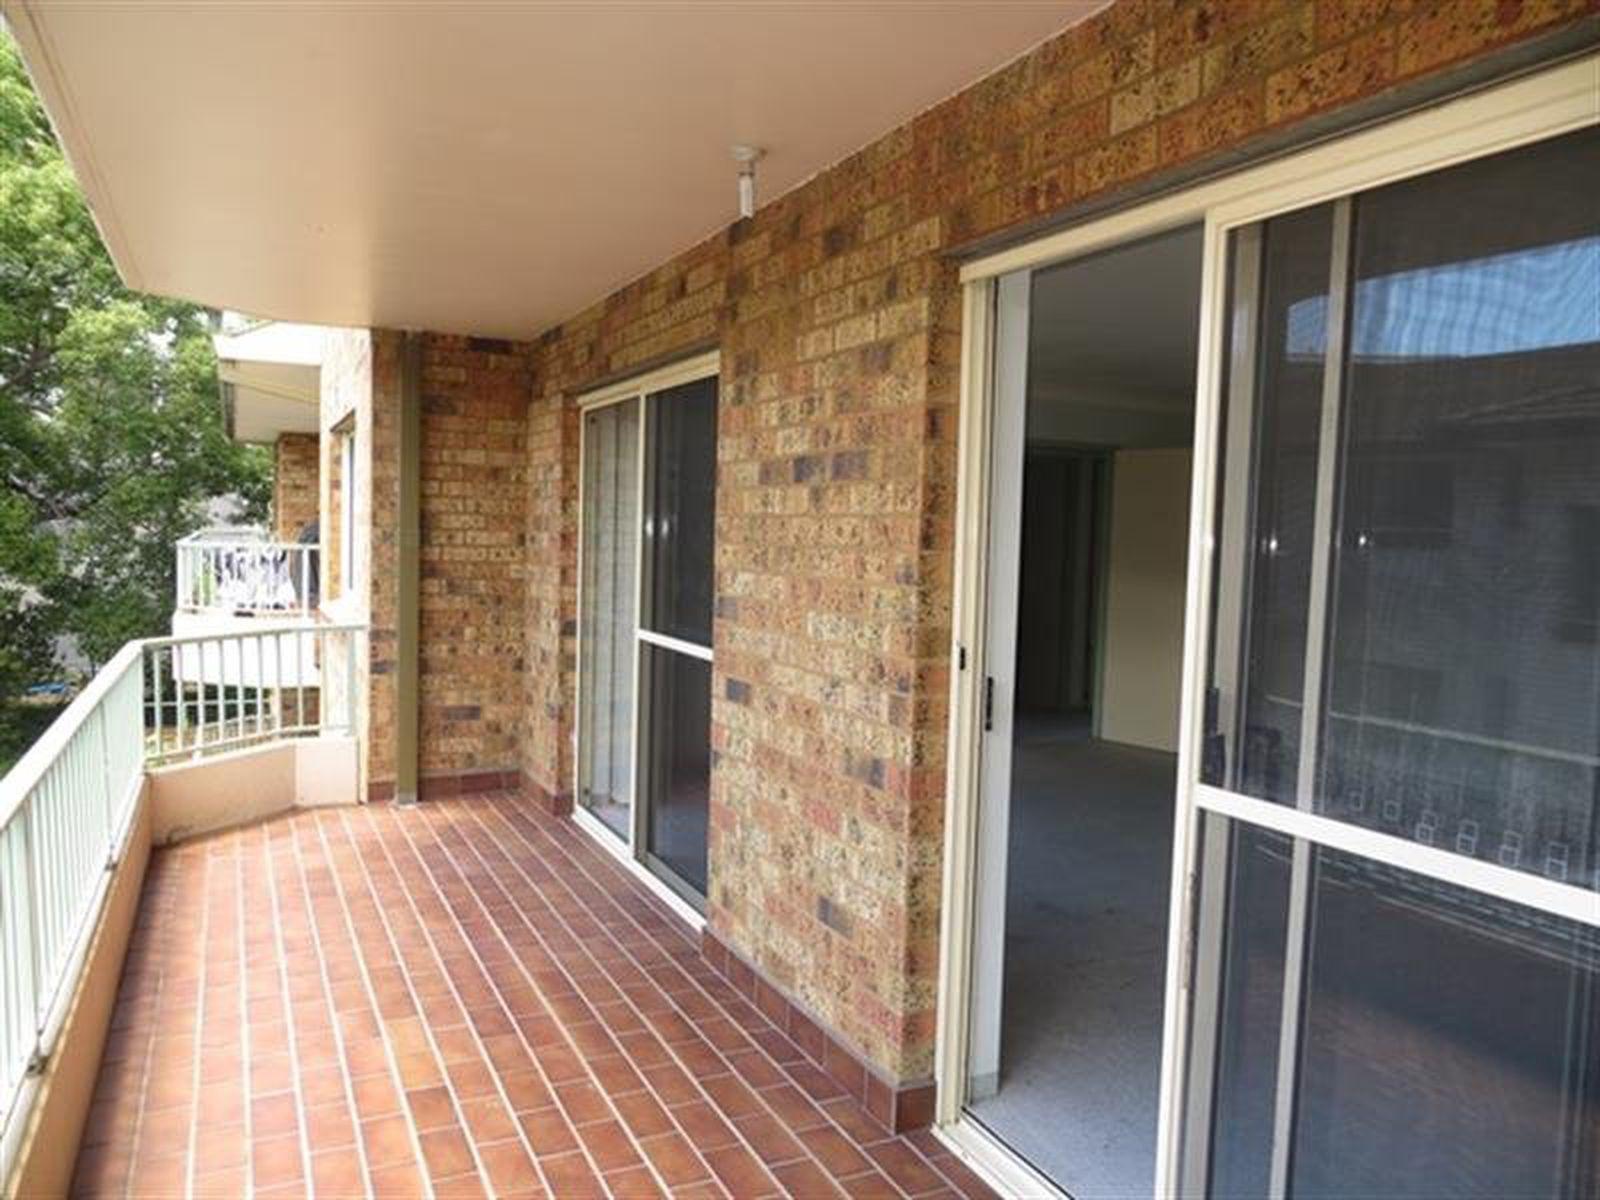 31-33 Mercury Street, Wollongong